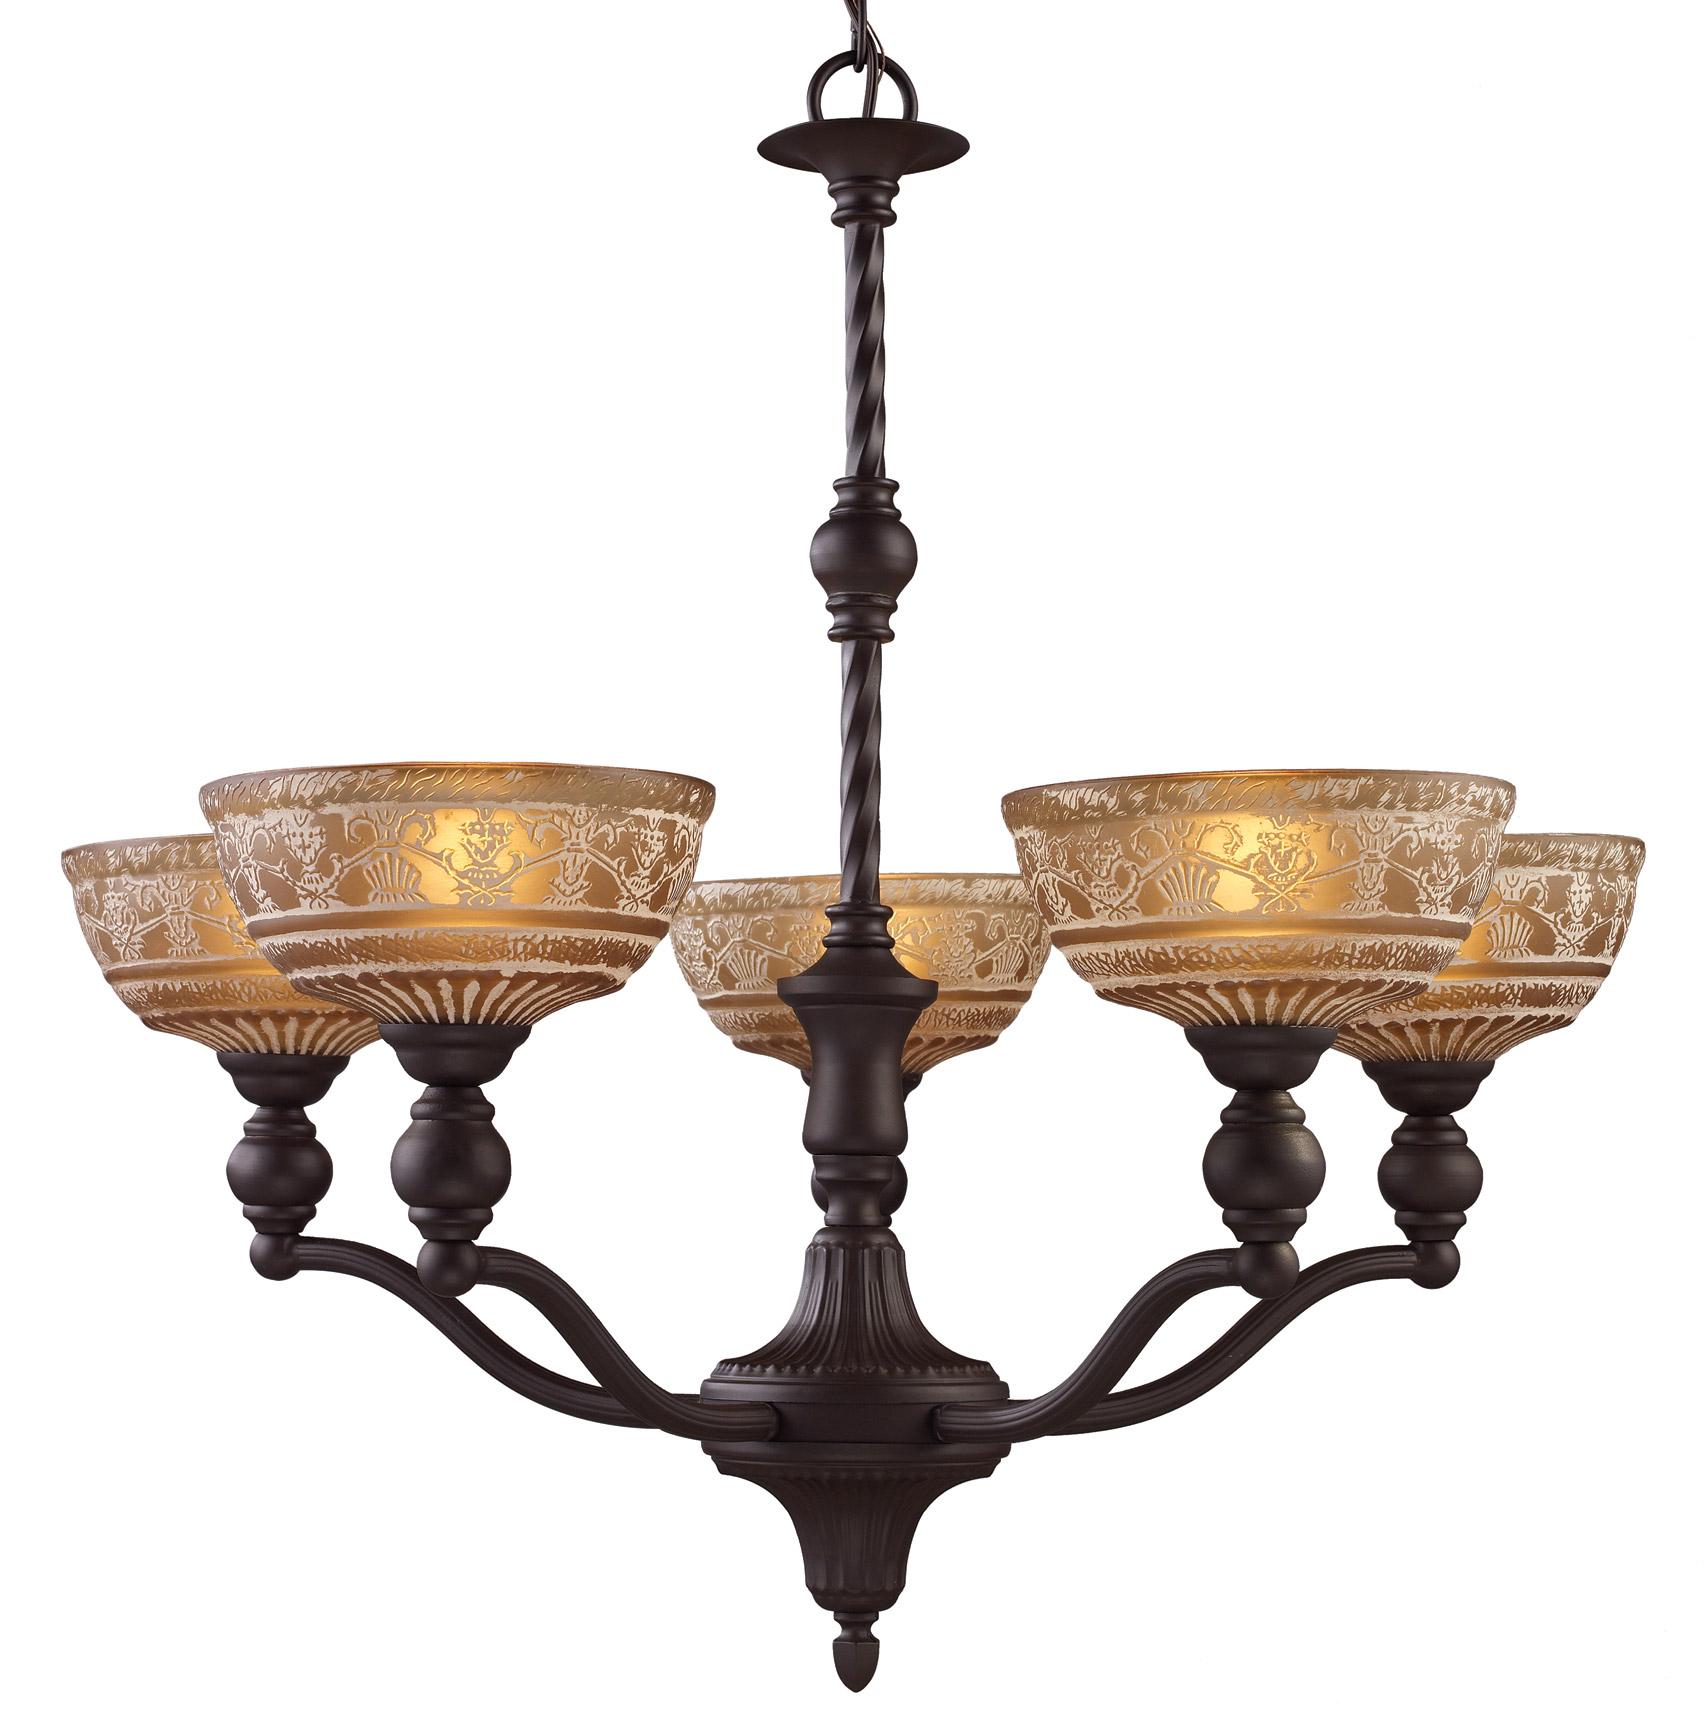 Bathroom Lights Norwich lighting 66197-5 norwich five light chandelier